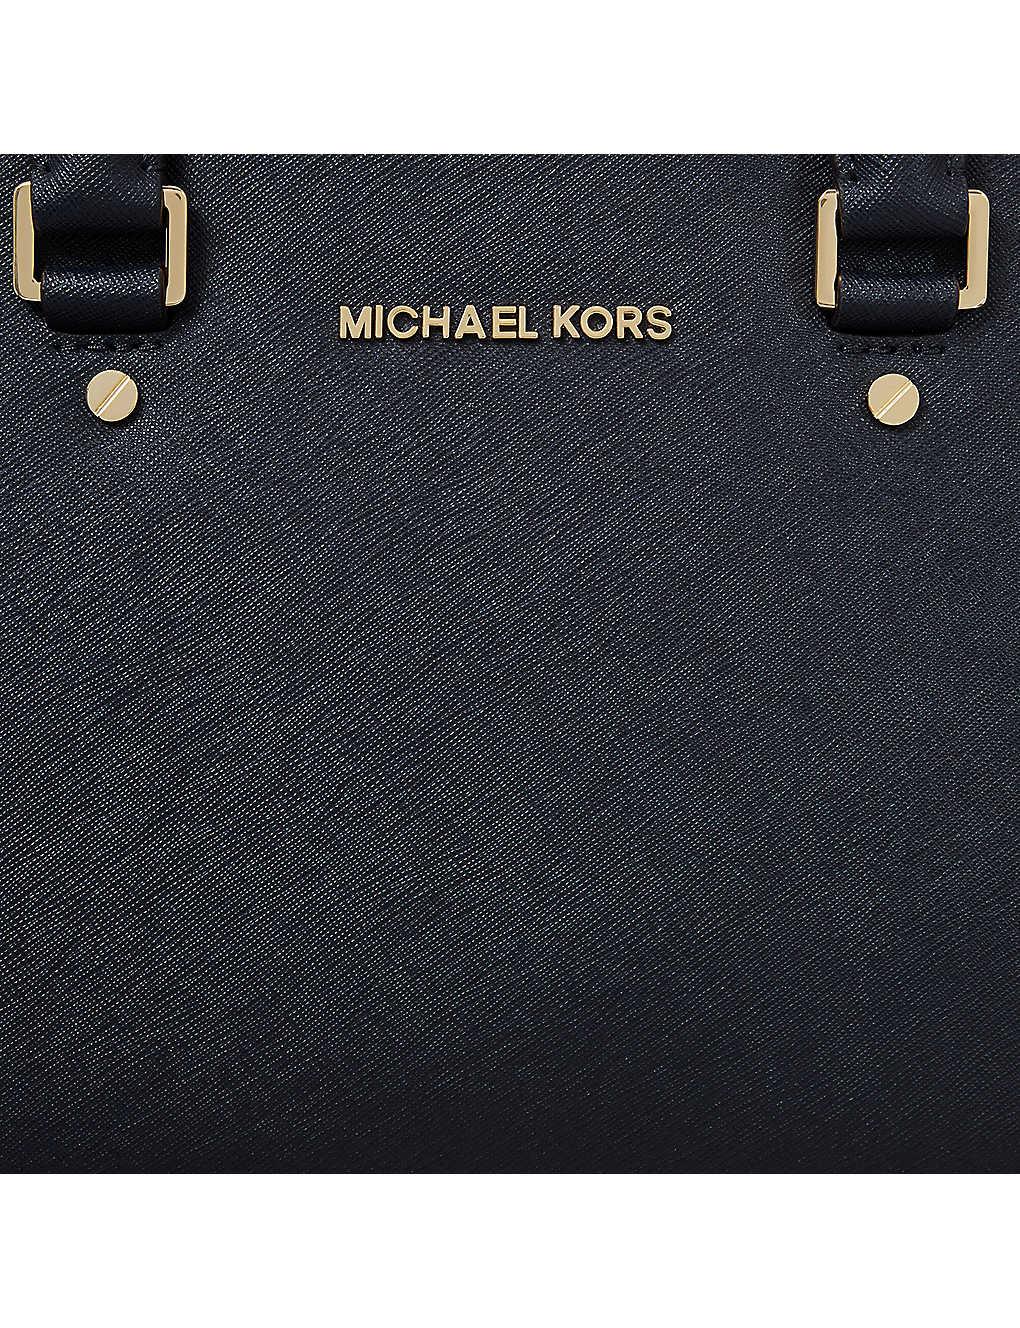 0d212f7a746d MICHAEL MICHAEL KORS - Selma medium Saffiano leather satchel ...